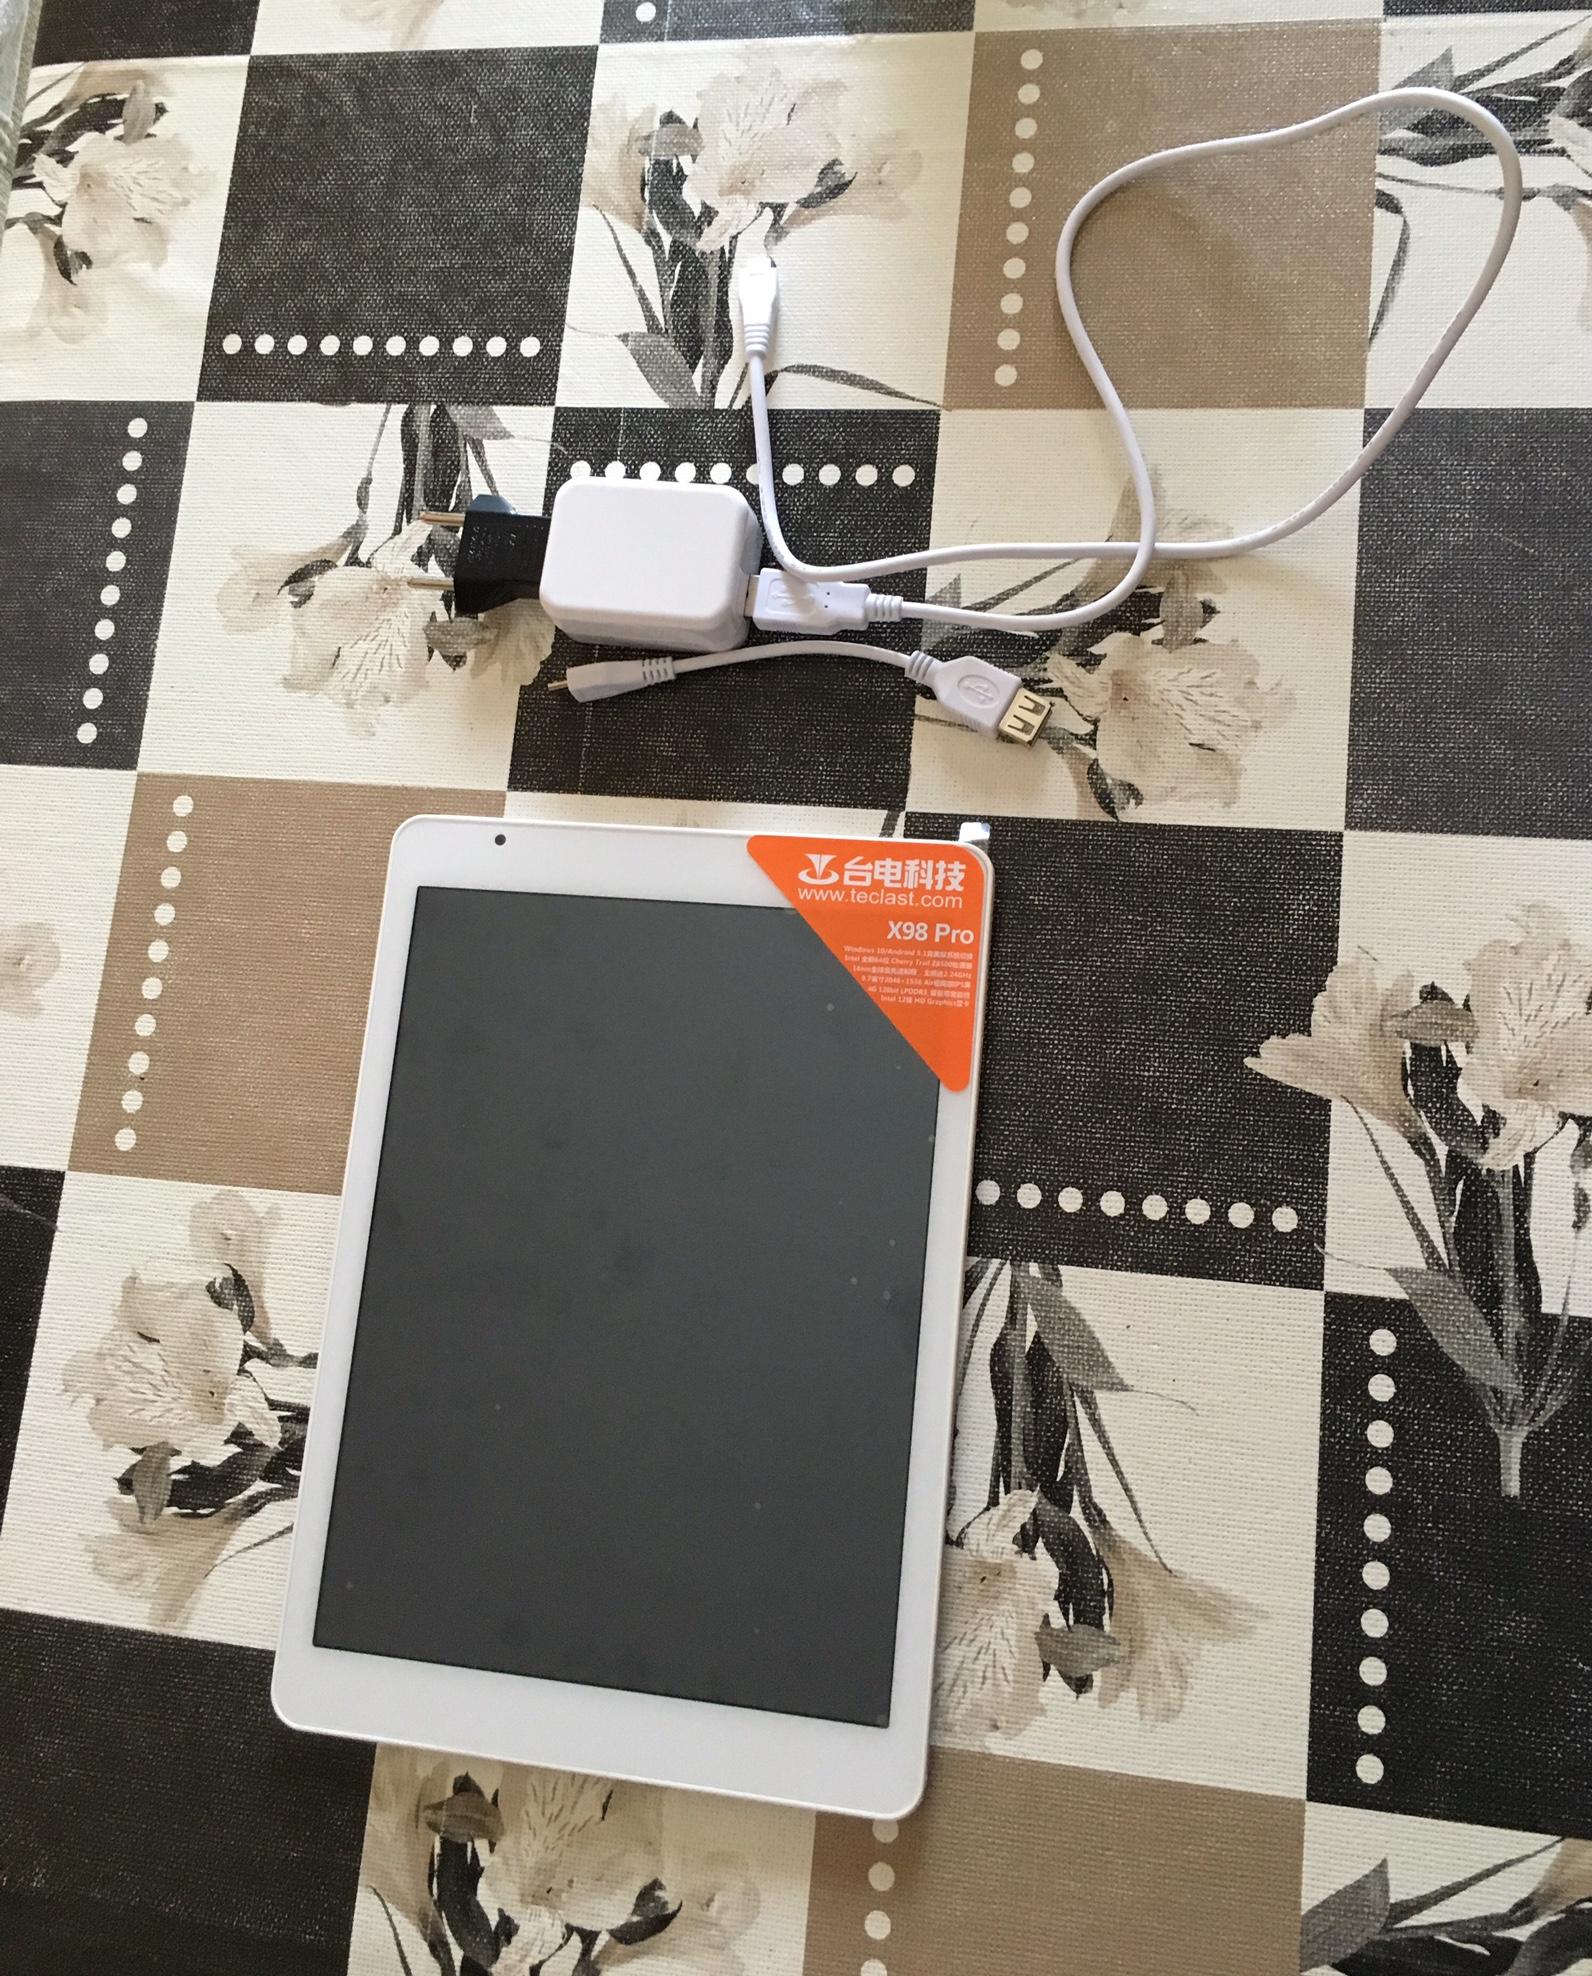 Tableta Teclast X98 pro con su cable de carga